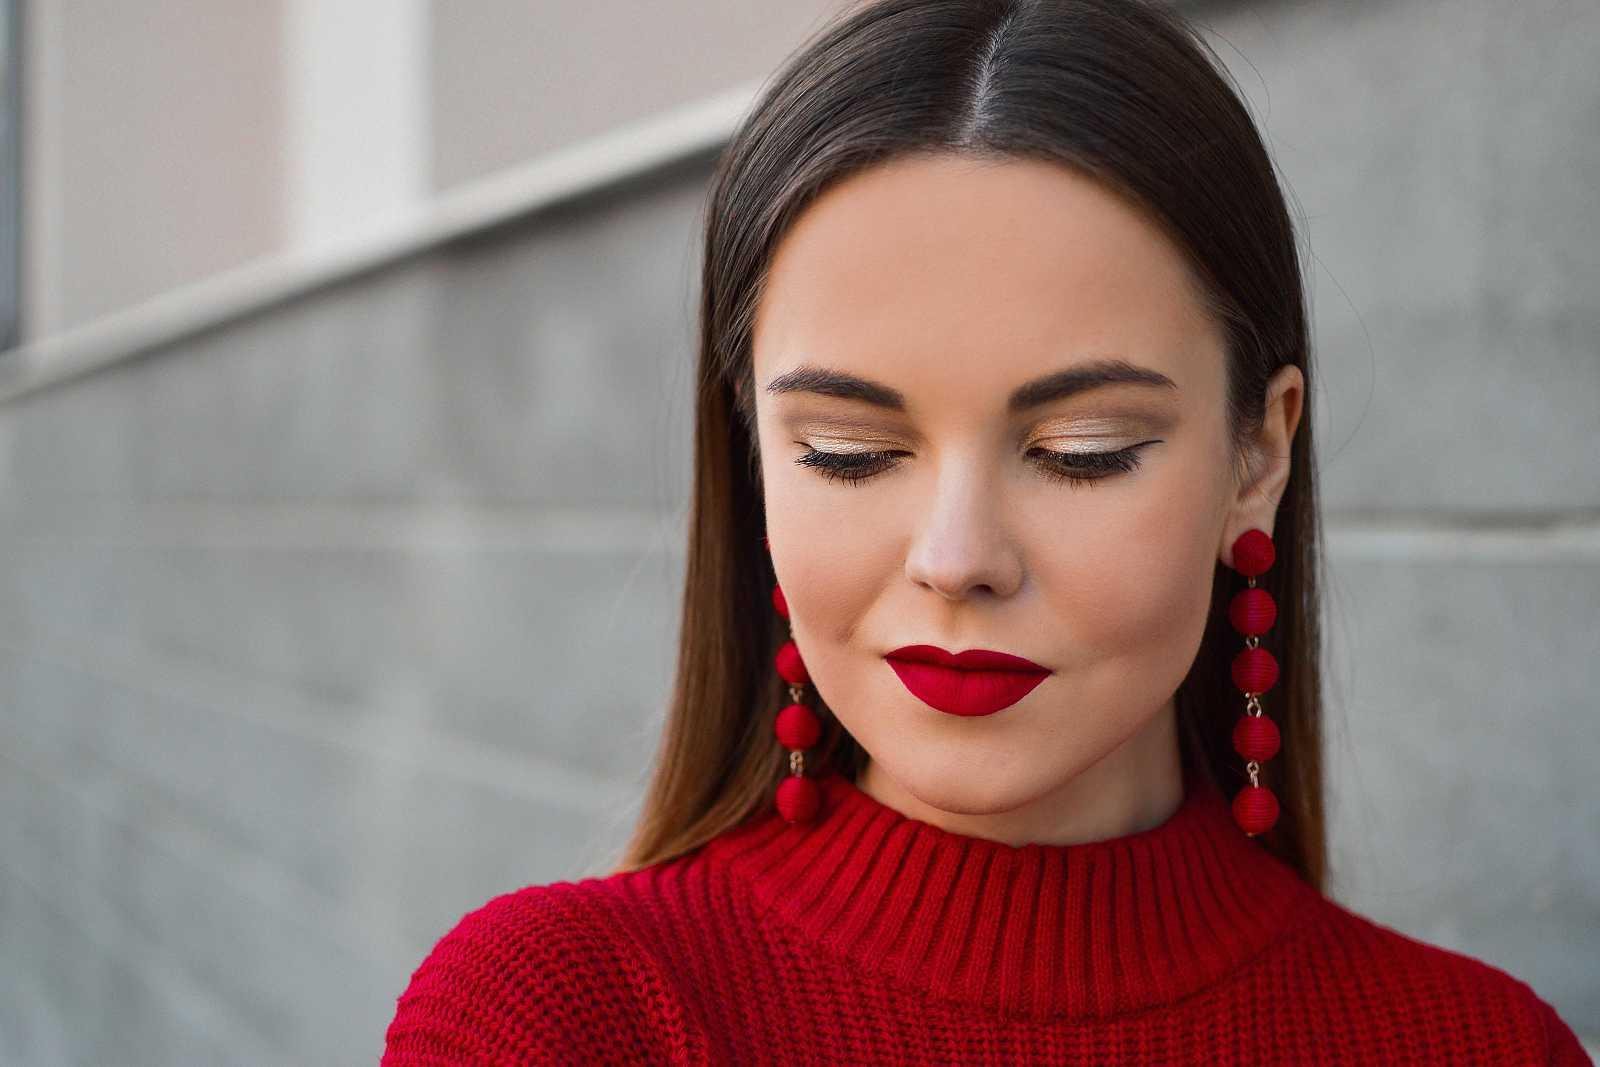 Los labios se vuelven rojos clásicos en este otoño. Los tonos fuego, rubí y cherrry son la tendencia